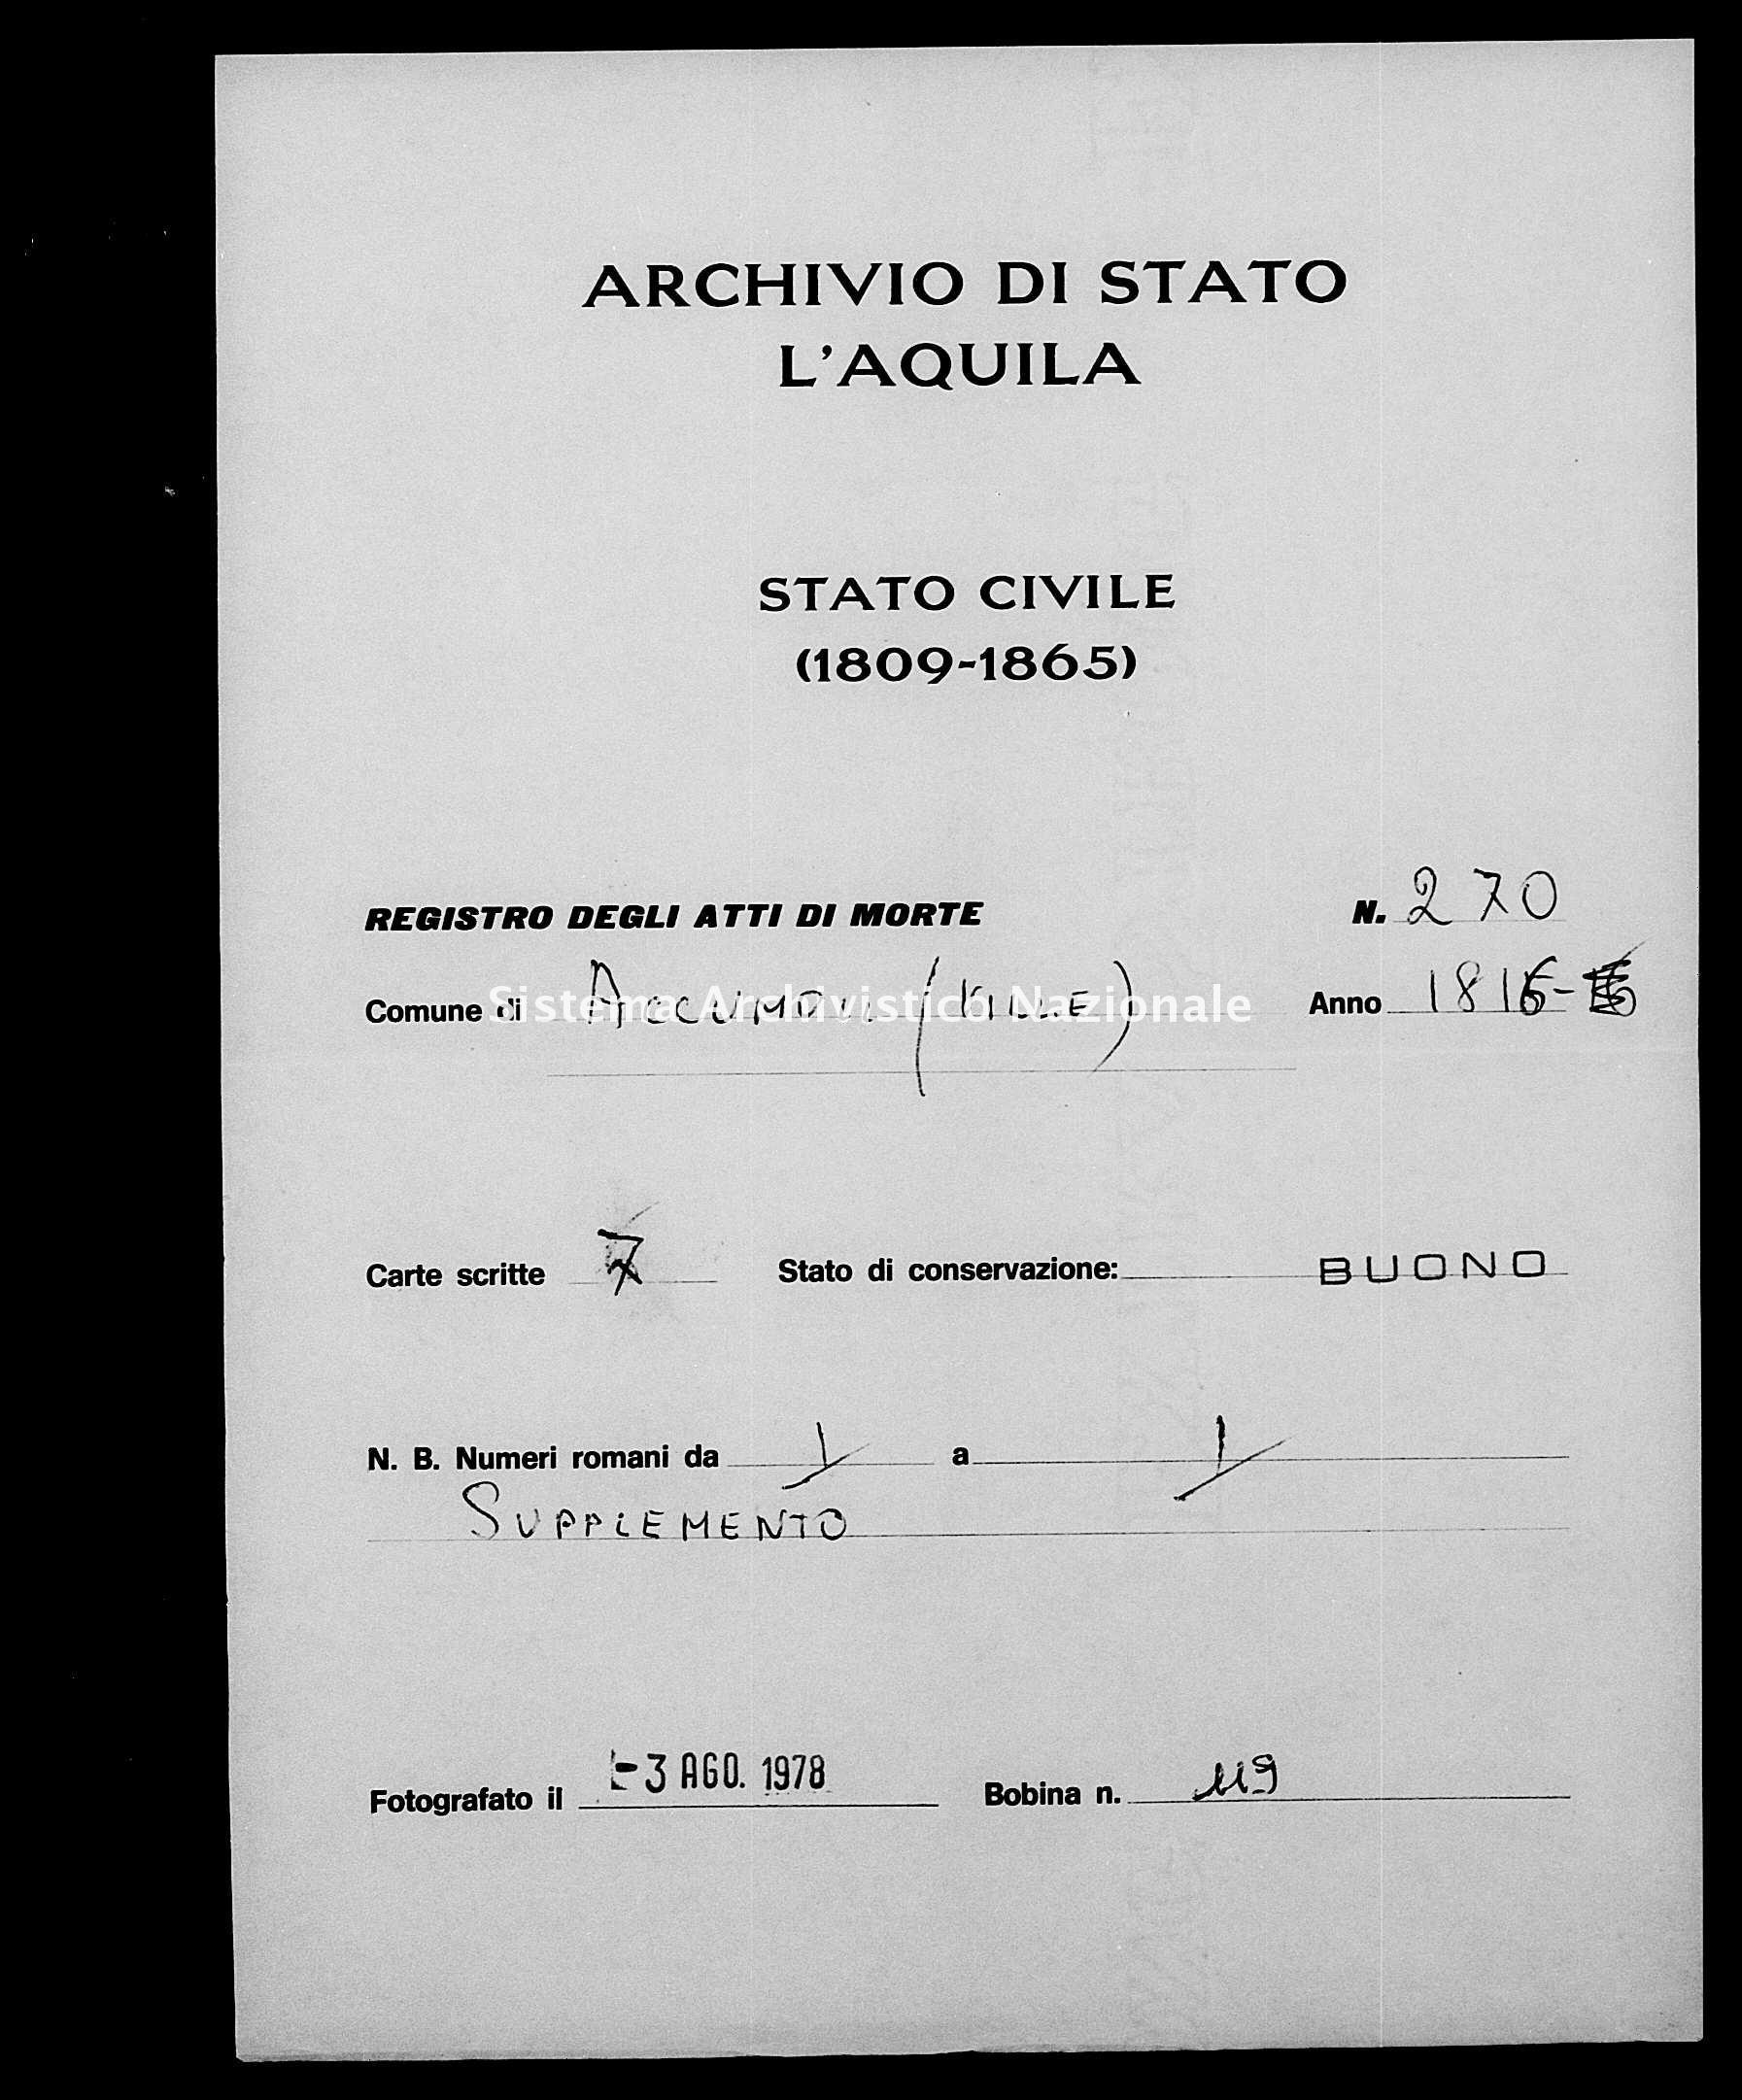 Archivio di stato di L'aquila - Stato civile della restaurazione - Accumoli - Morti - 06/01/1816-27/10/1816 - 270 -